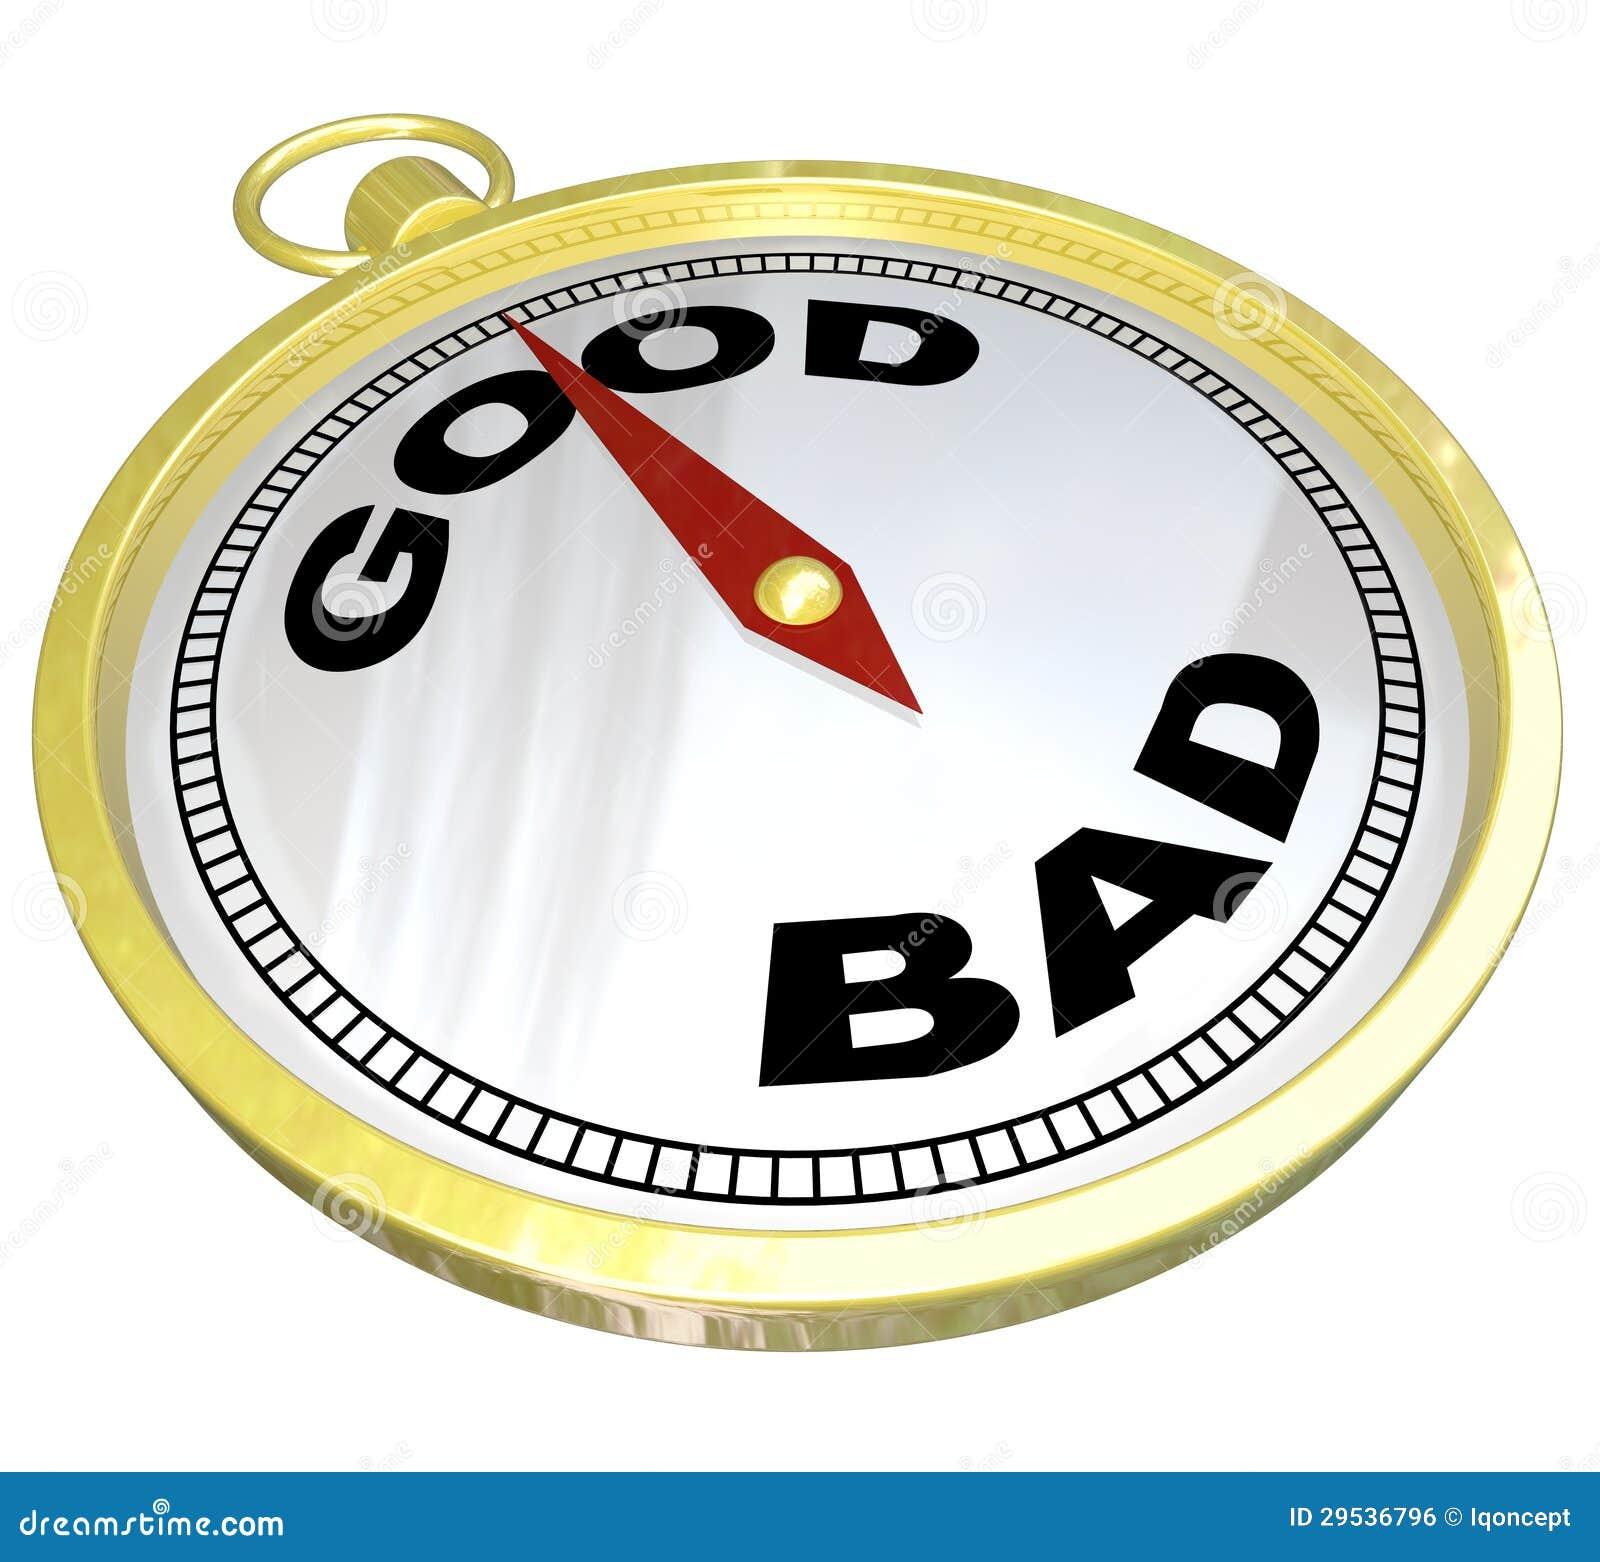 Compasso - conduzindo ao trajeto de bom contra o mau